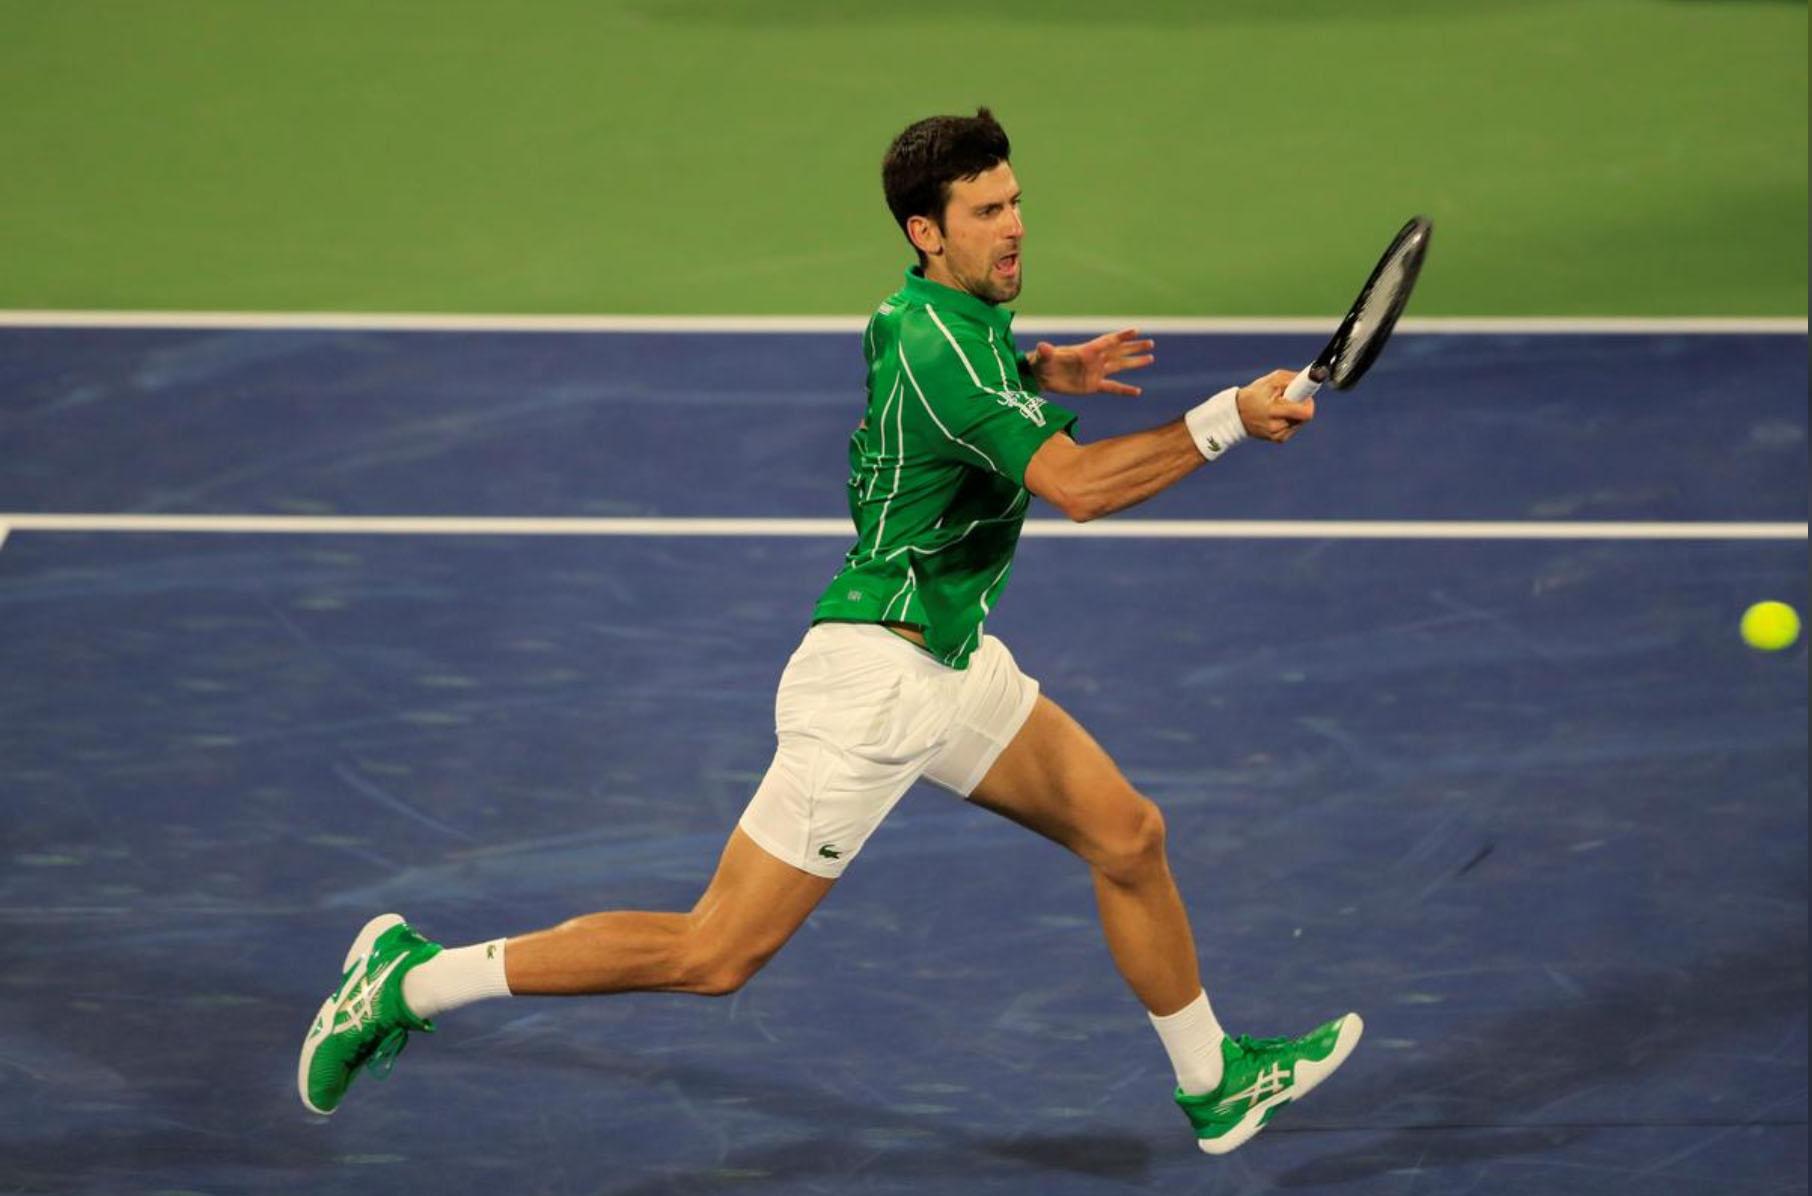 Novak Djokovic - 7 - Page 2 Novak-Djokovic